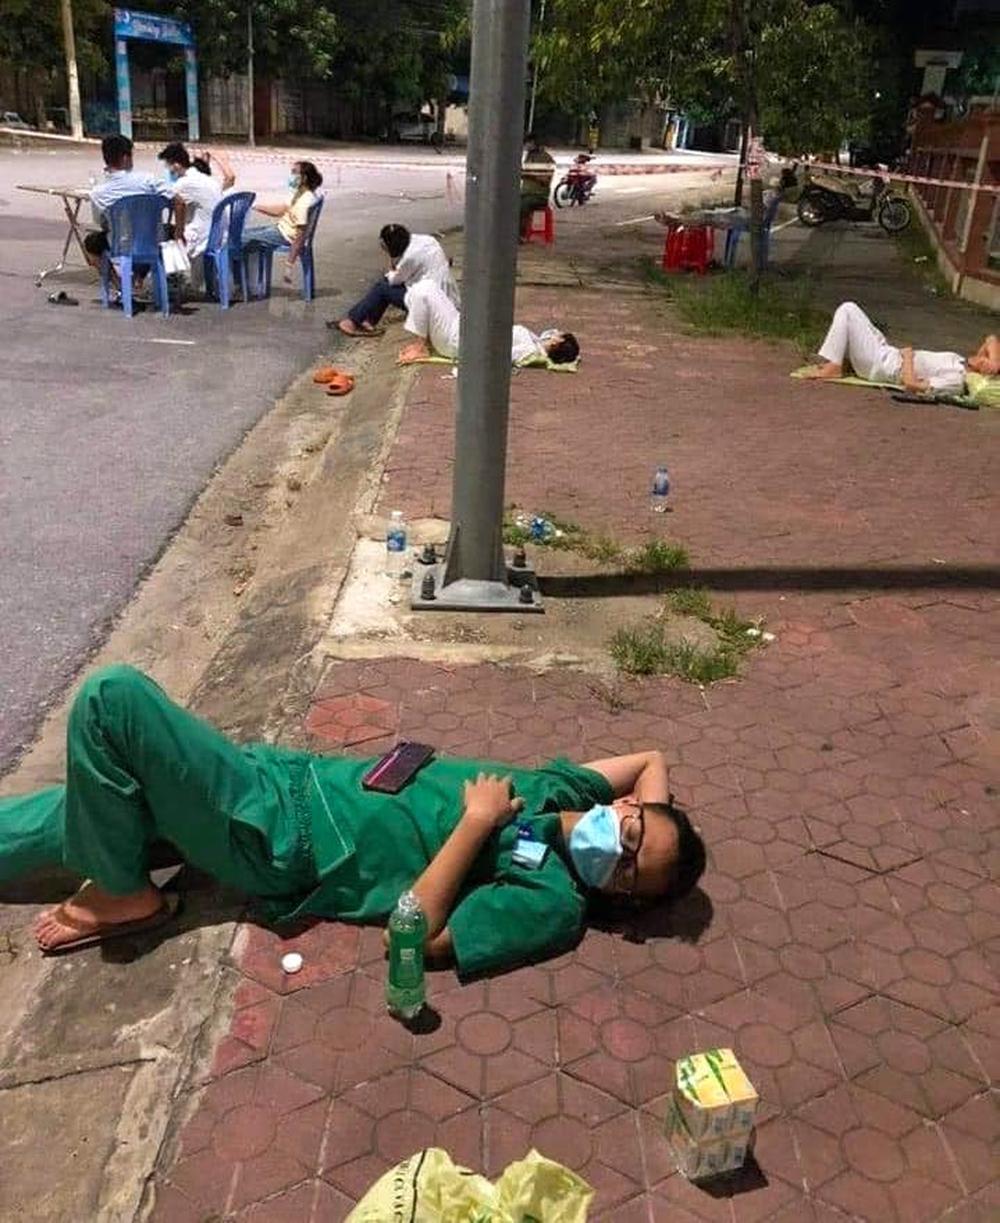 Xúc động hình ảnh những nhân viên y tế mệt lả sau khi lấy mẫu, ngủ tạm ở vỉa hè lúc 3 giờ sáng - Ảnh 1.